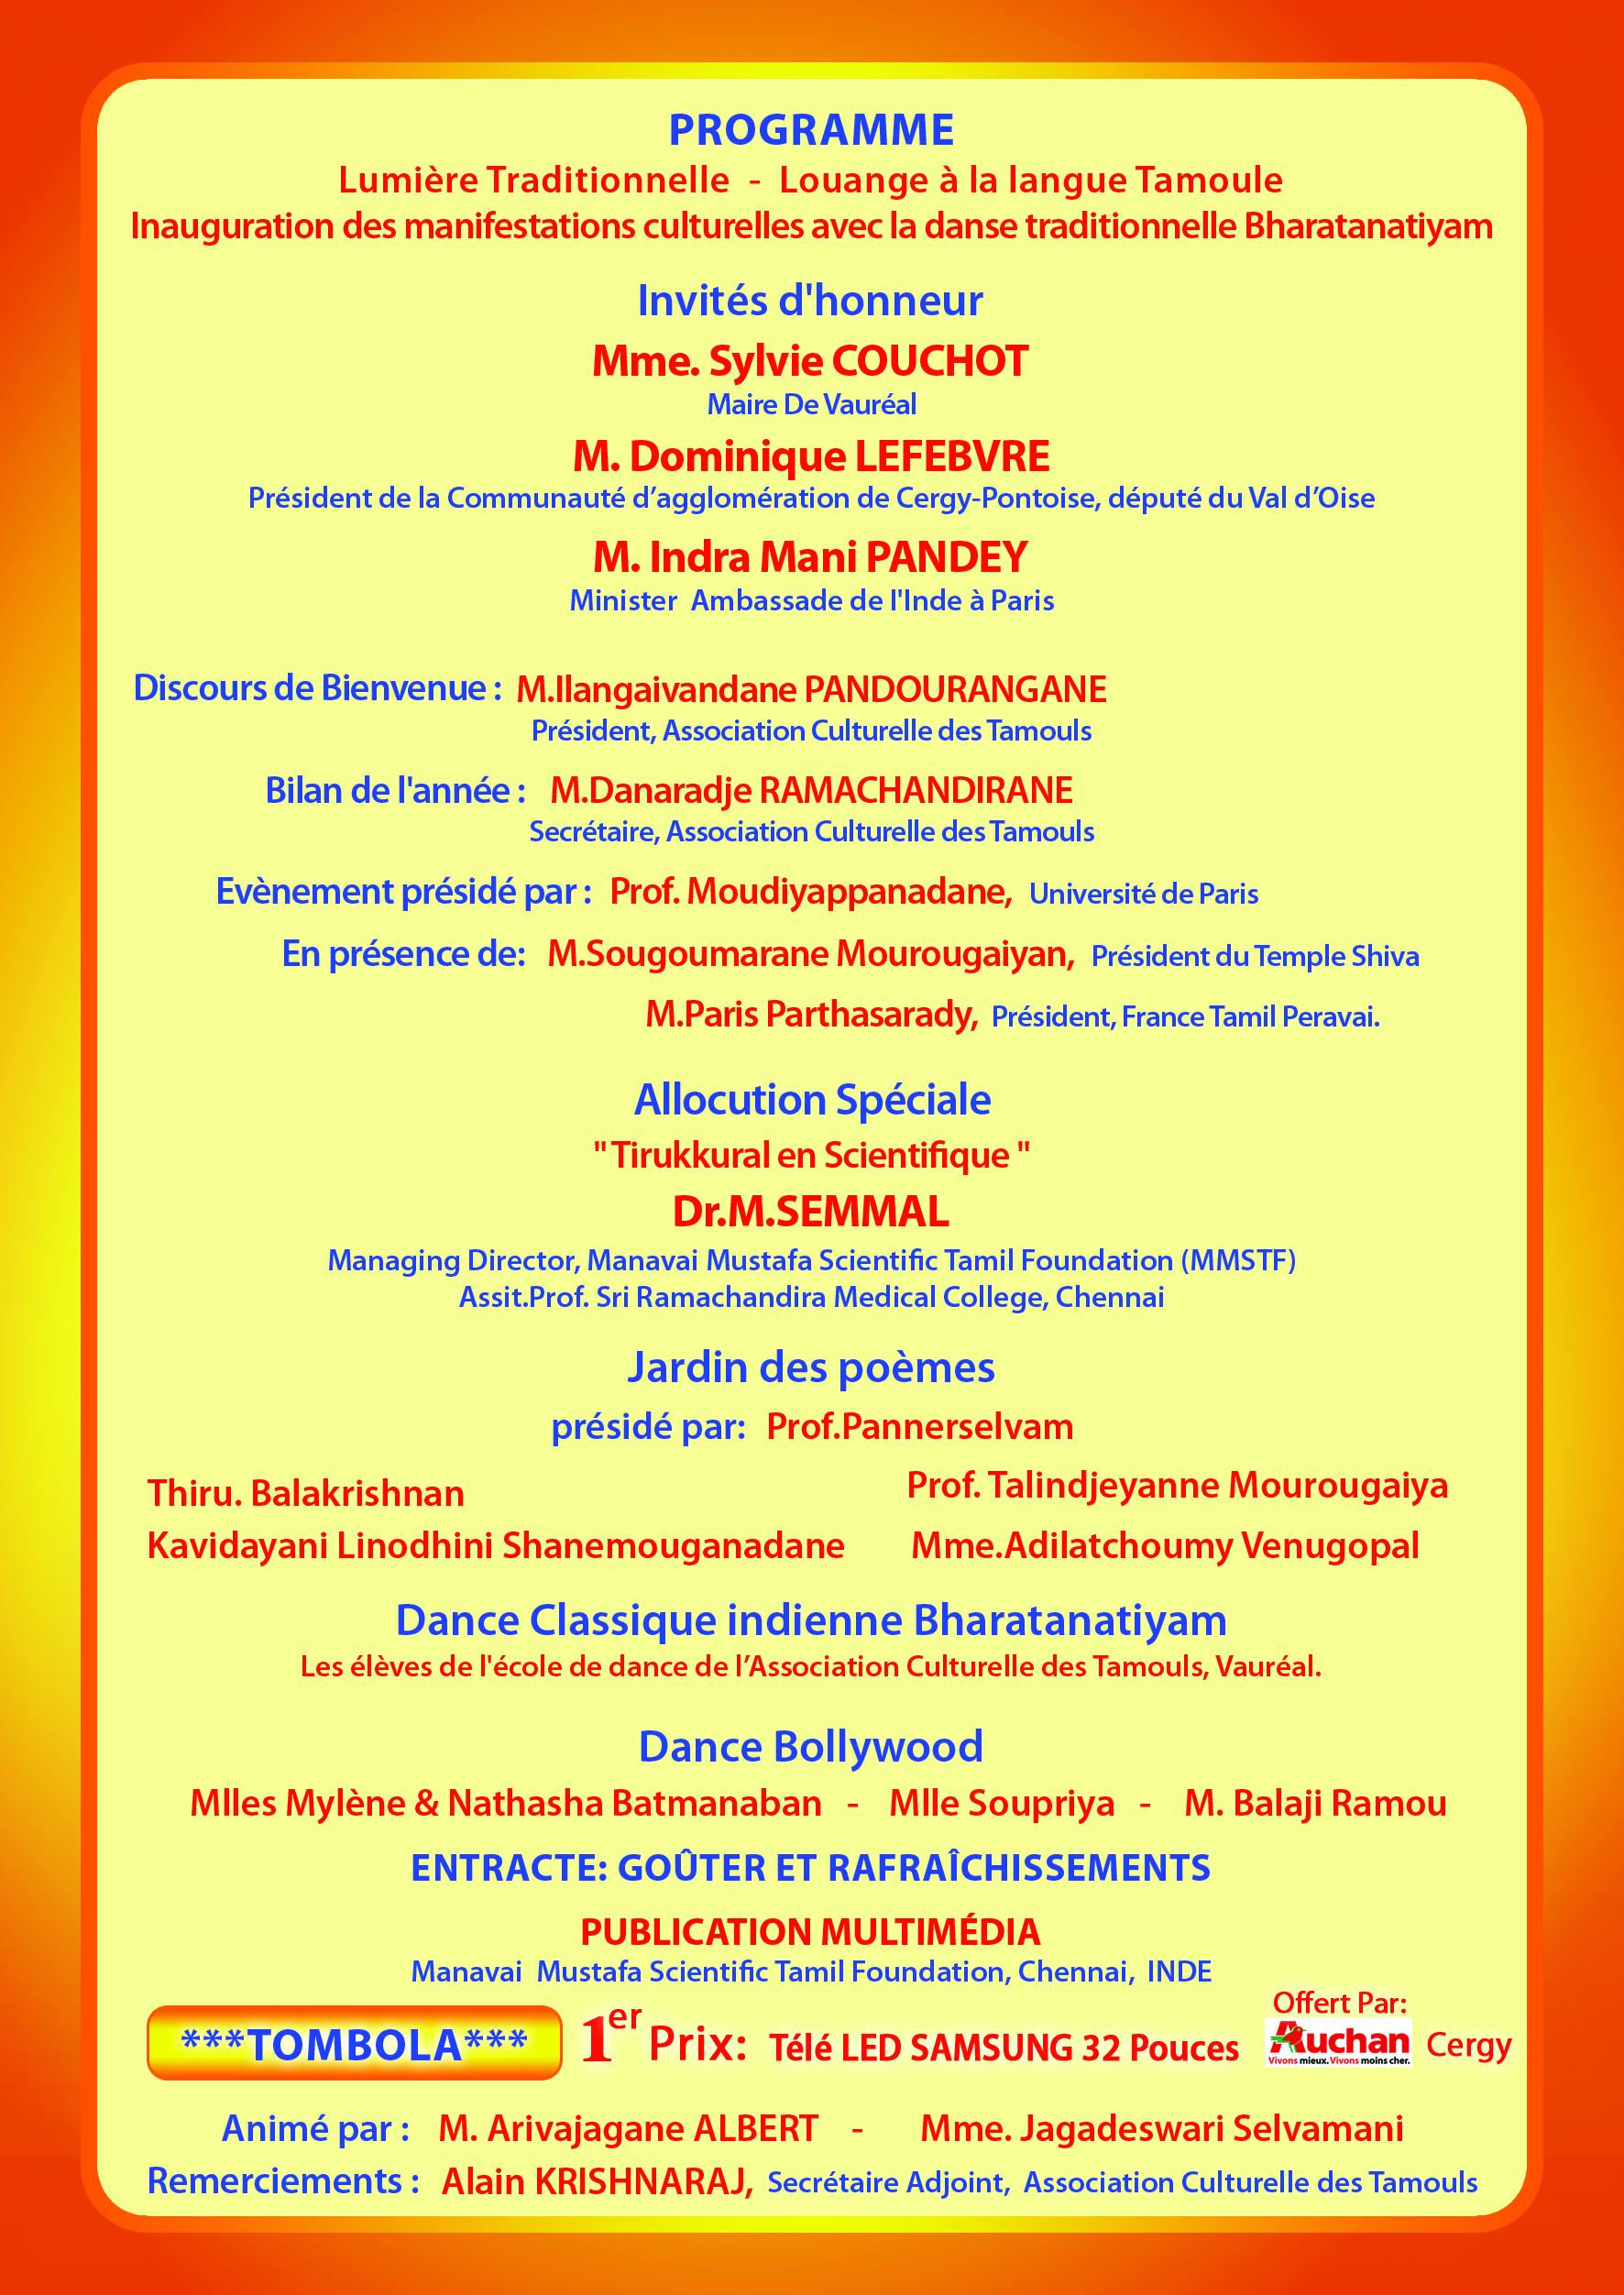 வொரையால் தமிழ்க்கலாச்சார மன்றத்தின் 8 -ஆம் ஆண்டு விழா …தமிழோடு வாழ்வோம்